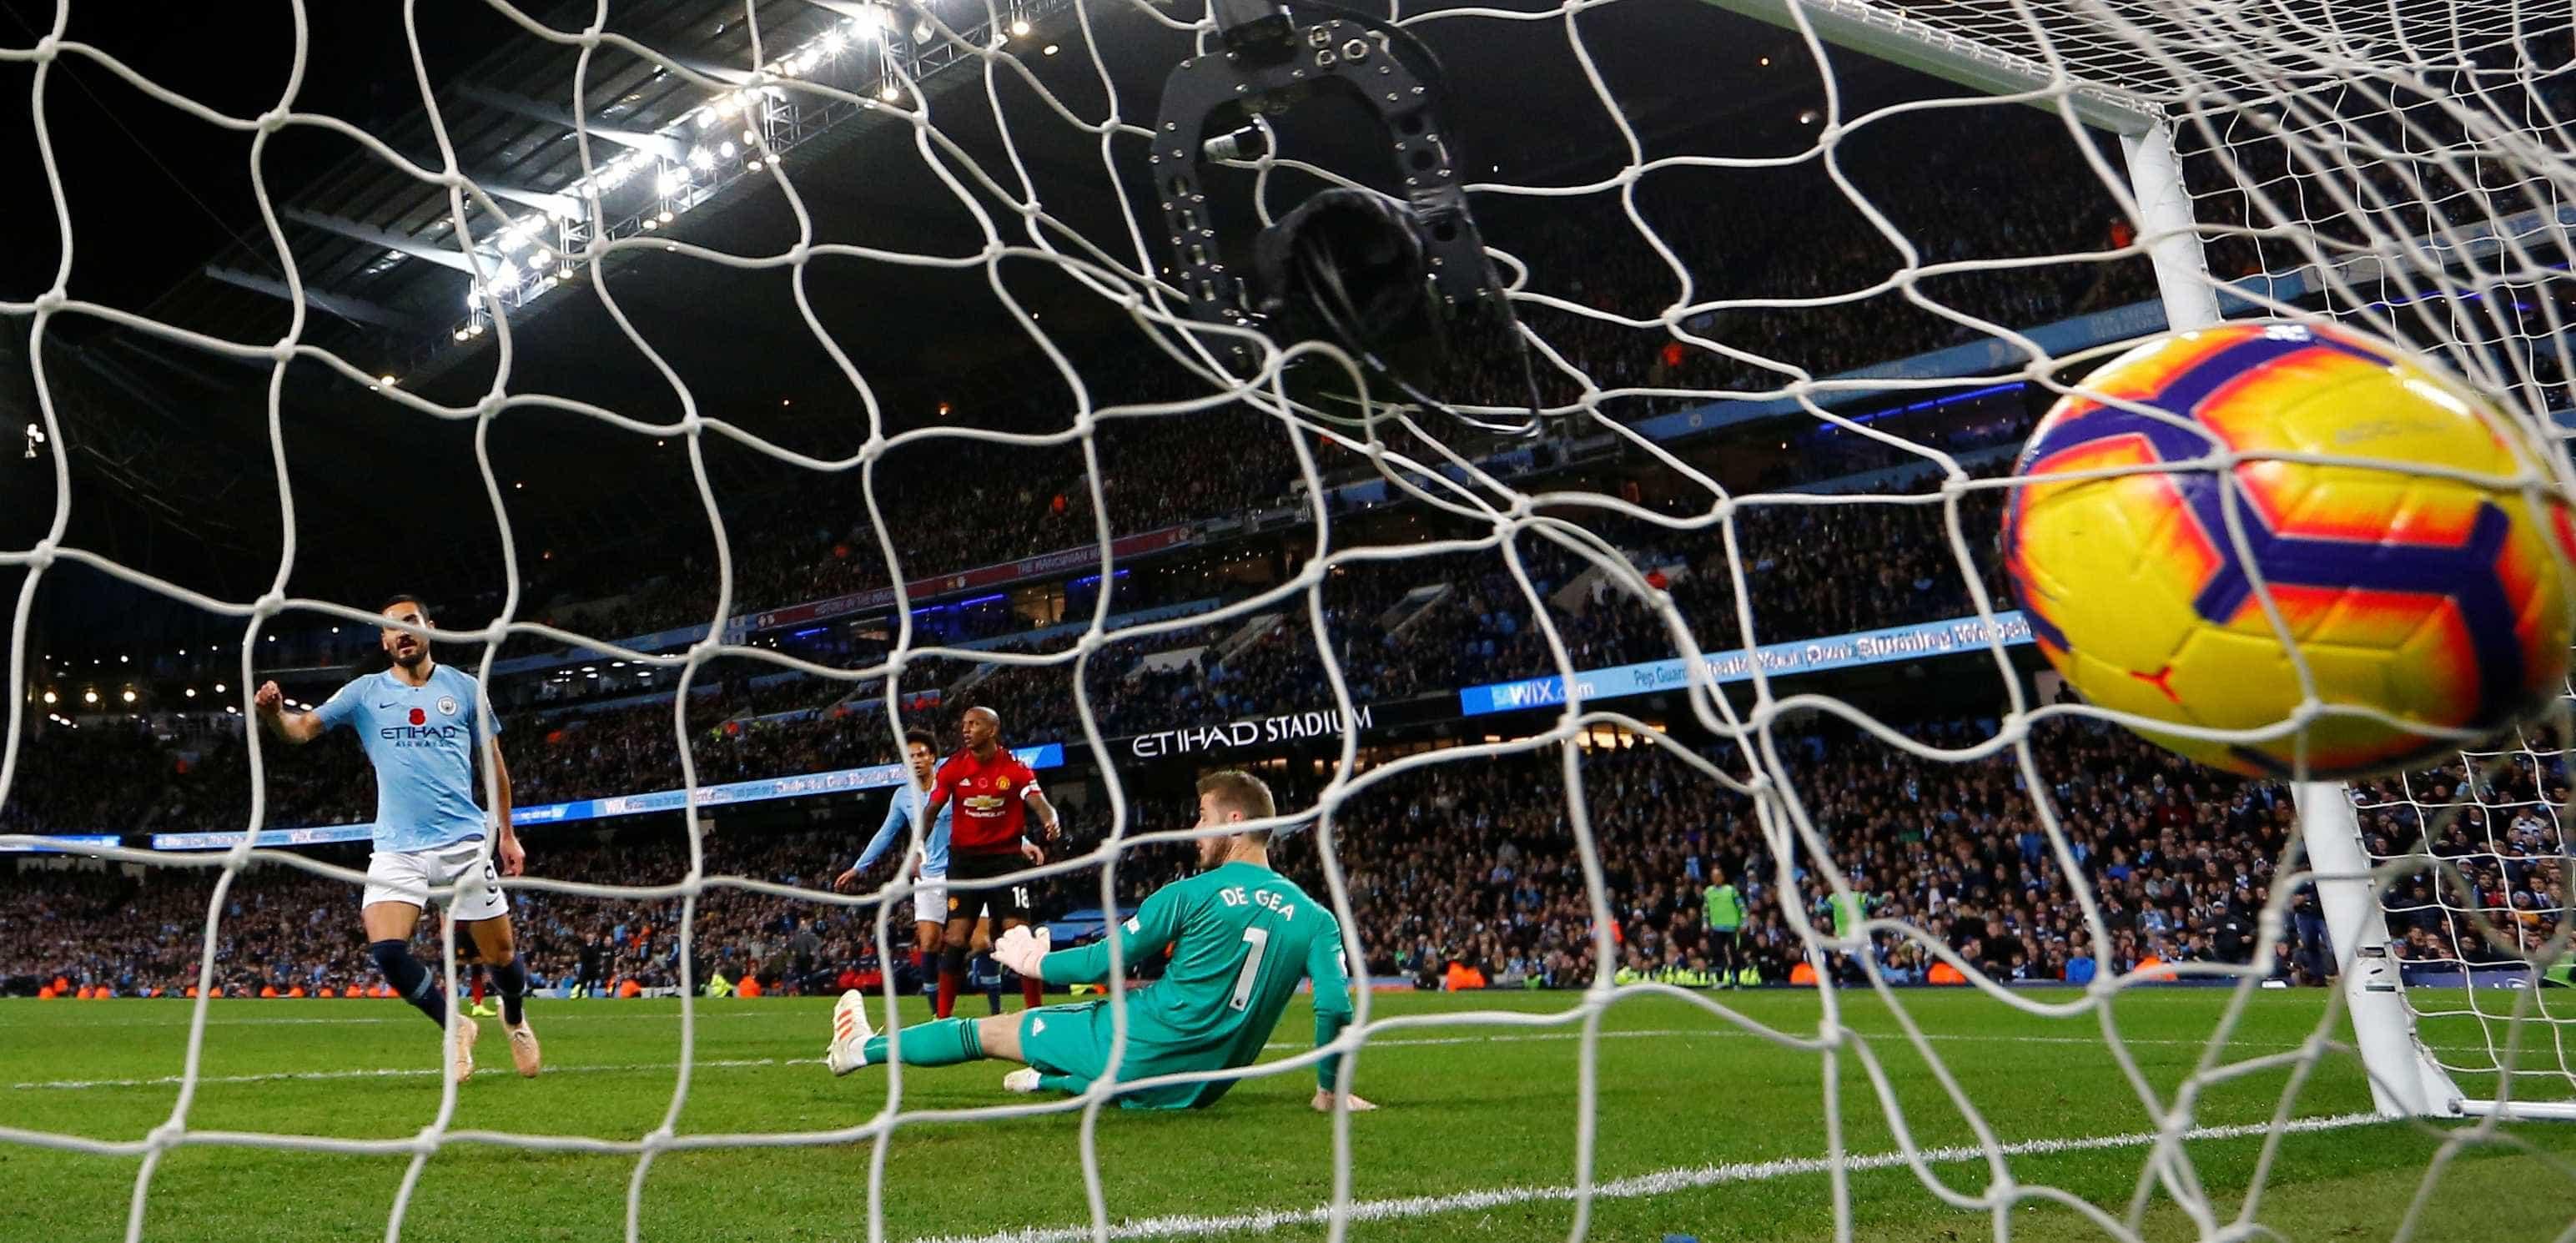 A jogada espetacular do terceiro gol do City contra o United; assista